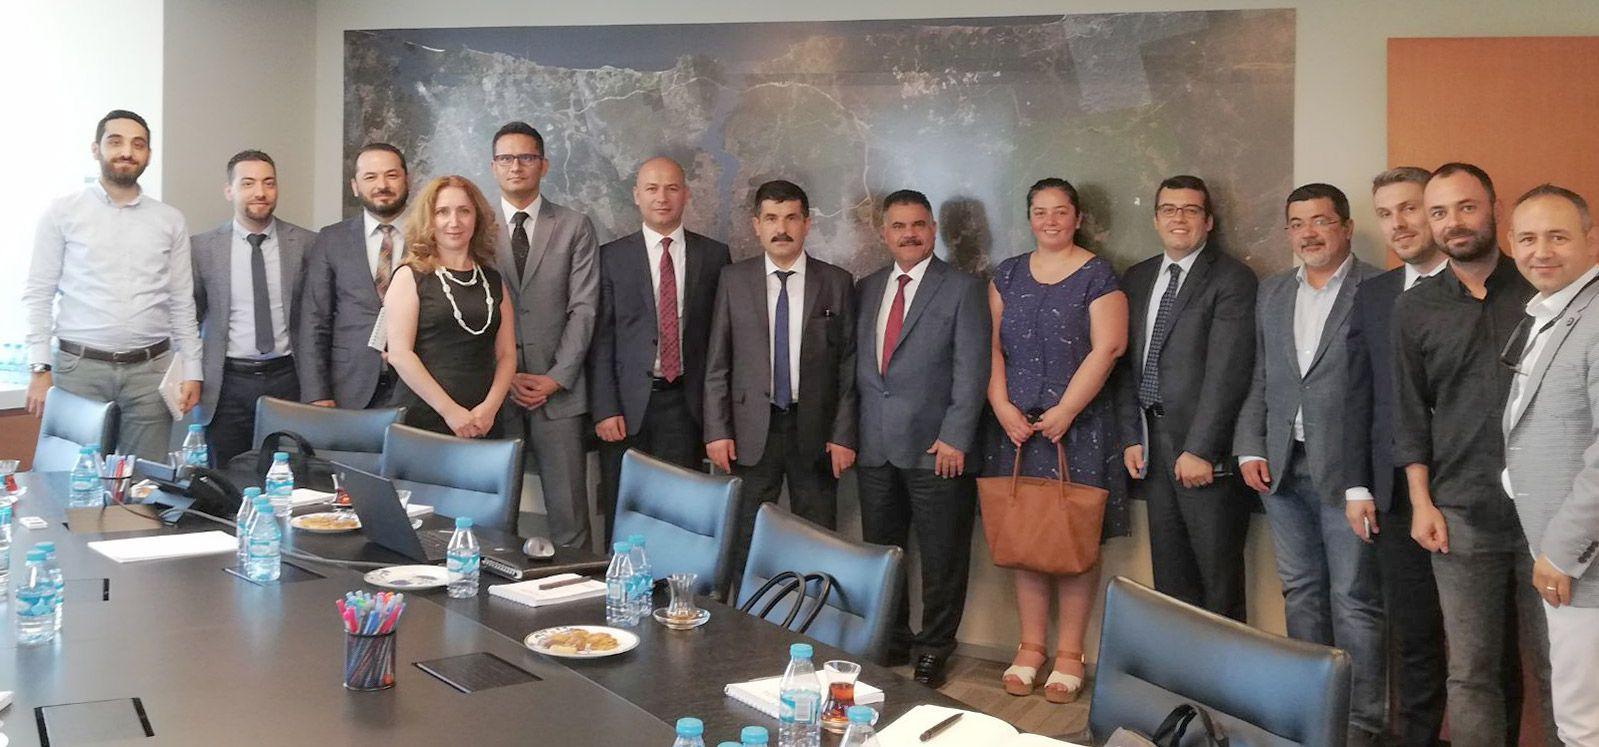 Turkiets fastighet plattform, GYODER är etablerad fastighets utskotts kommitté för att kunna dra nytta av exportincitament och öka försäljningen av fastigheter och investeringar.